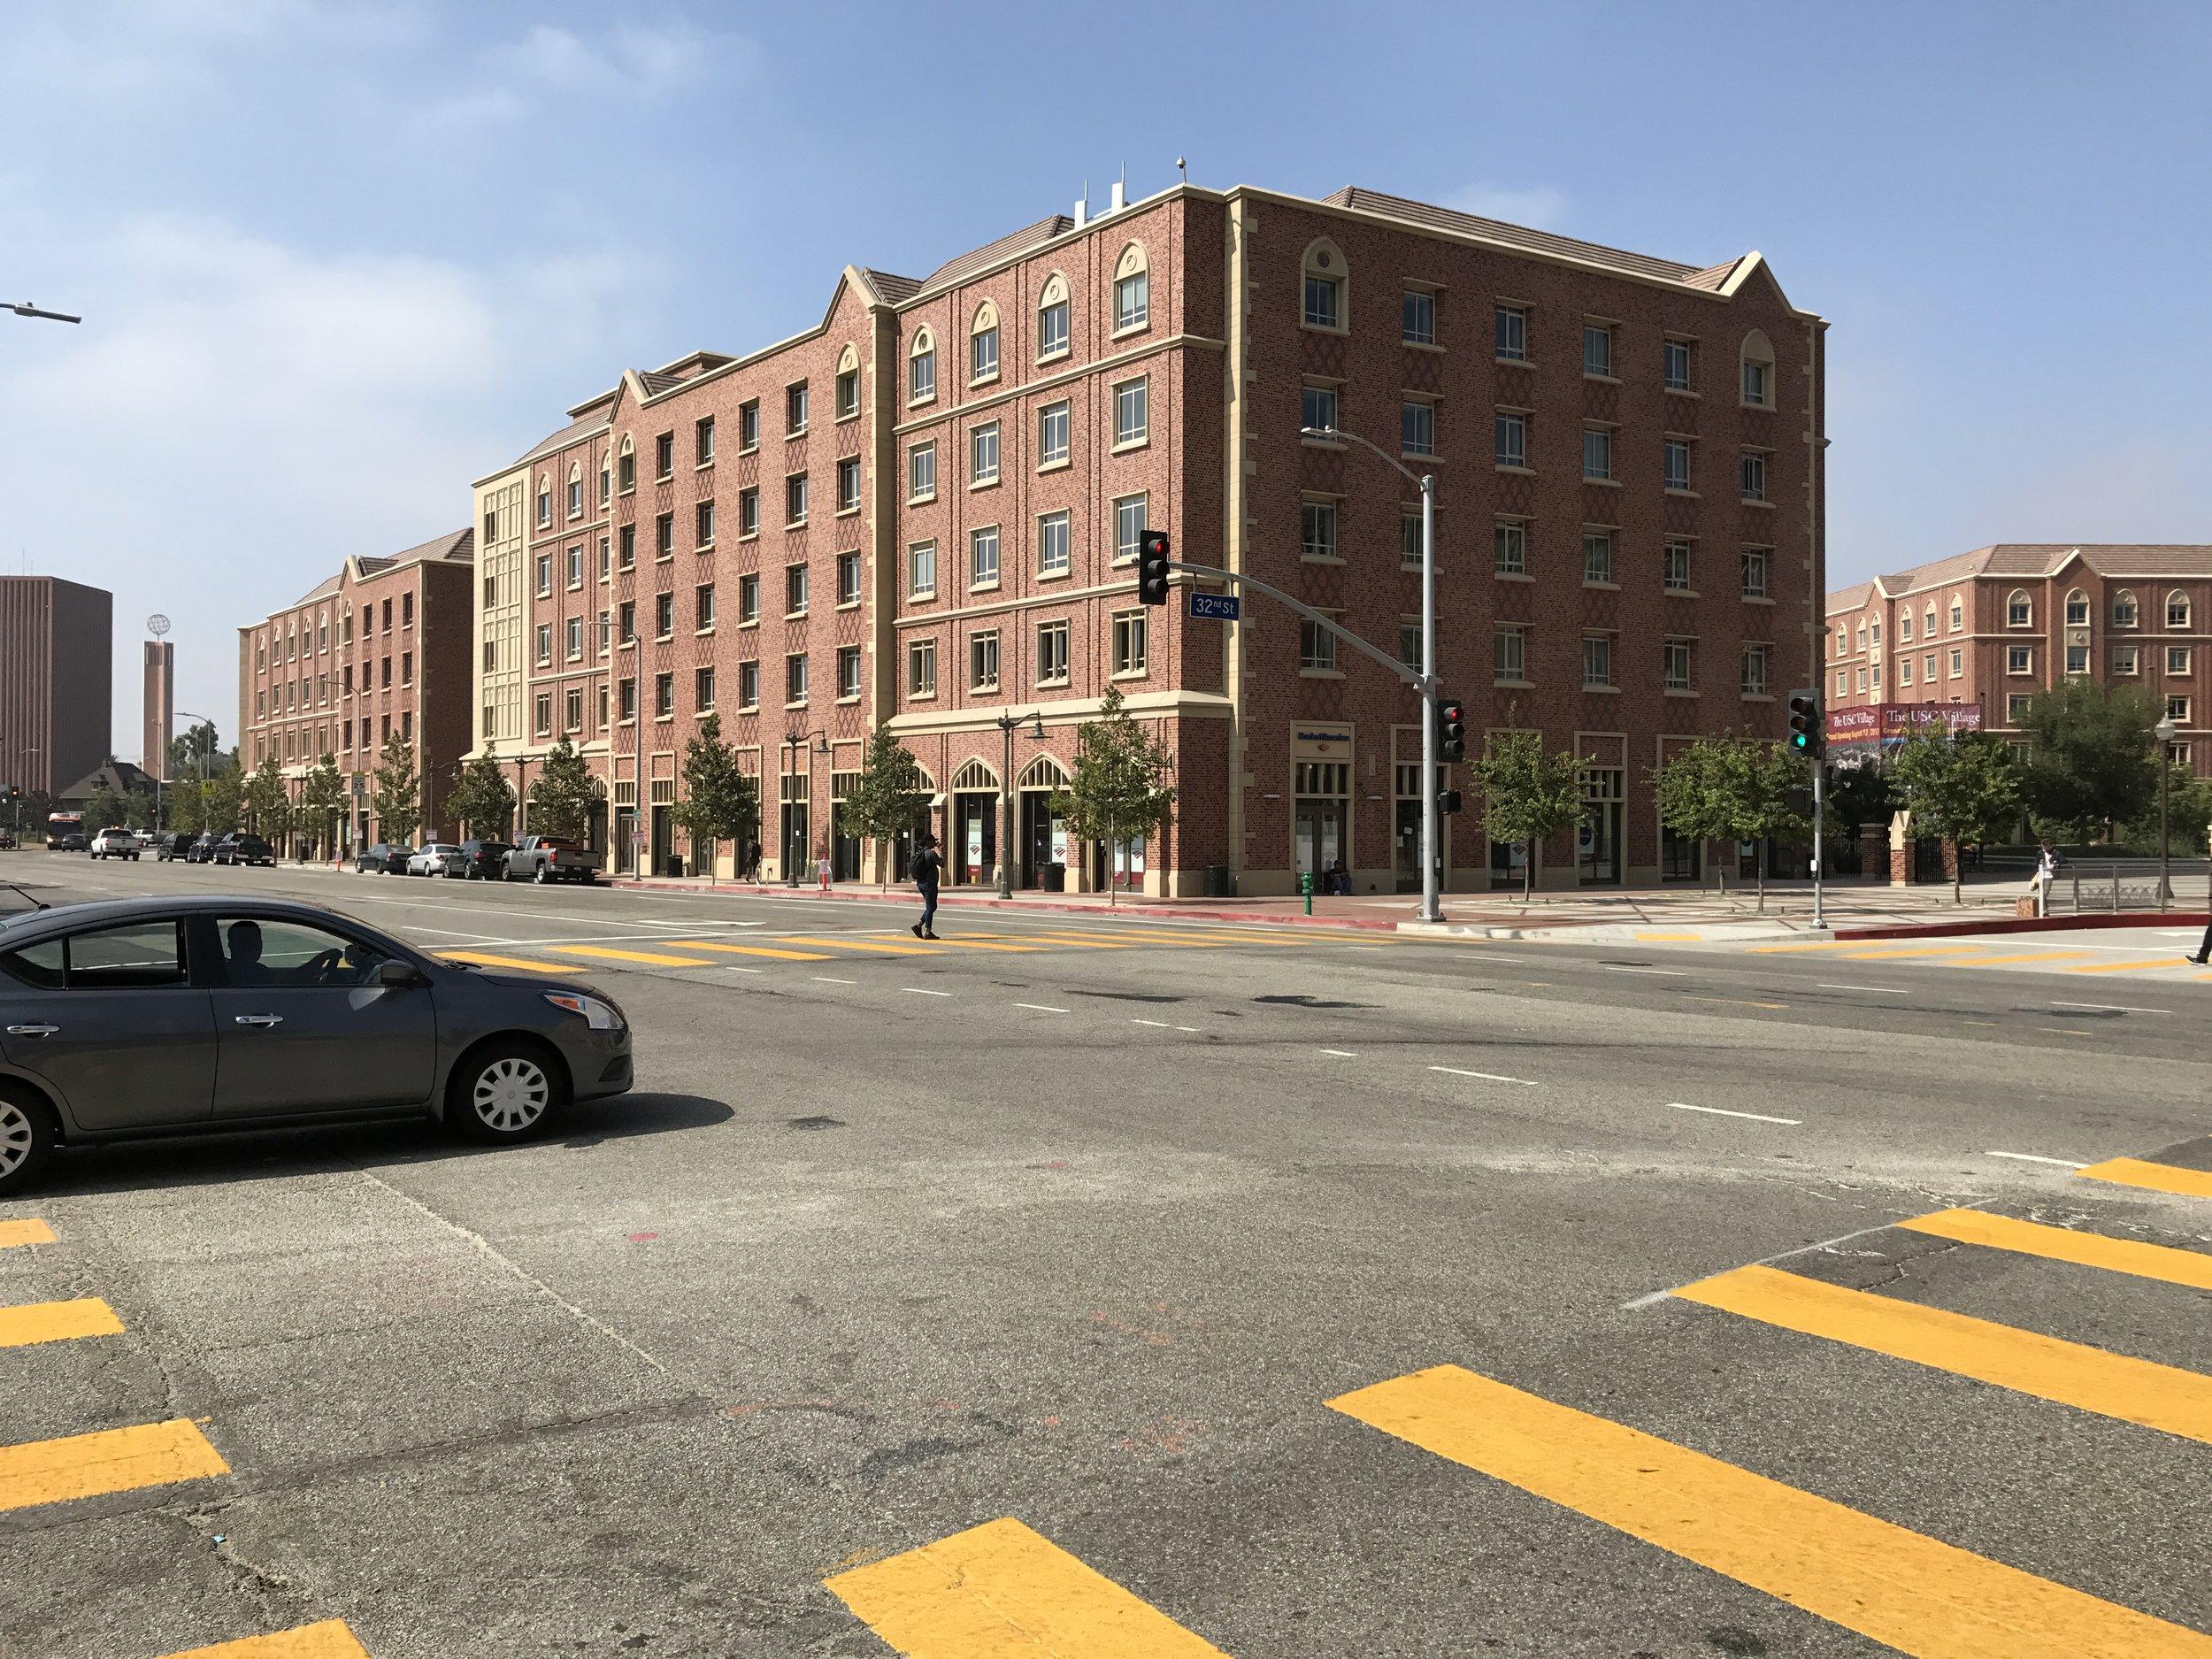 Even more monotonous facades